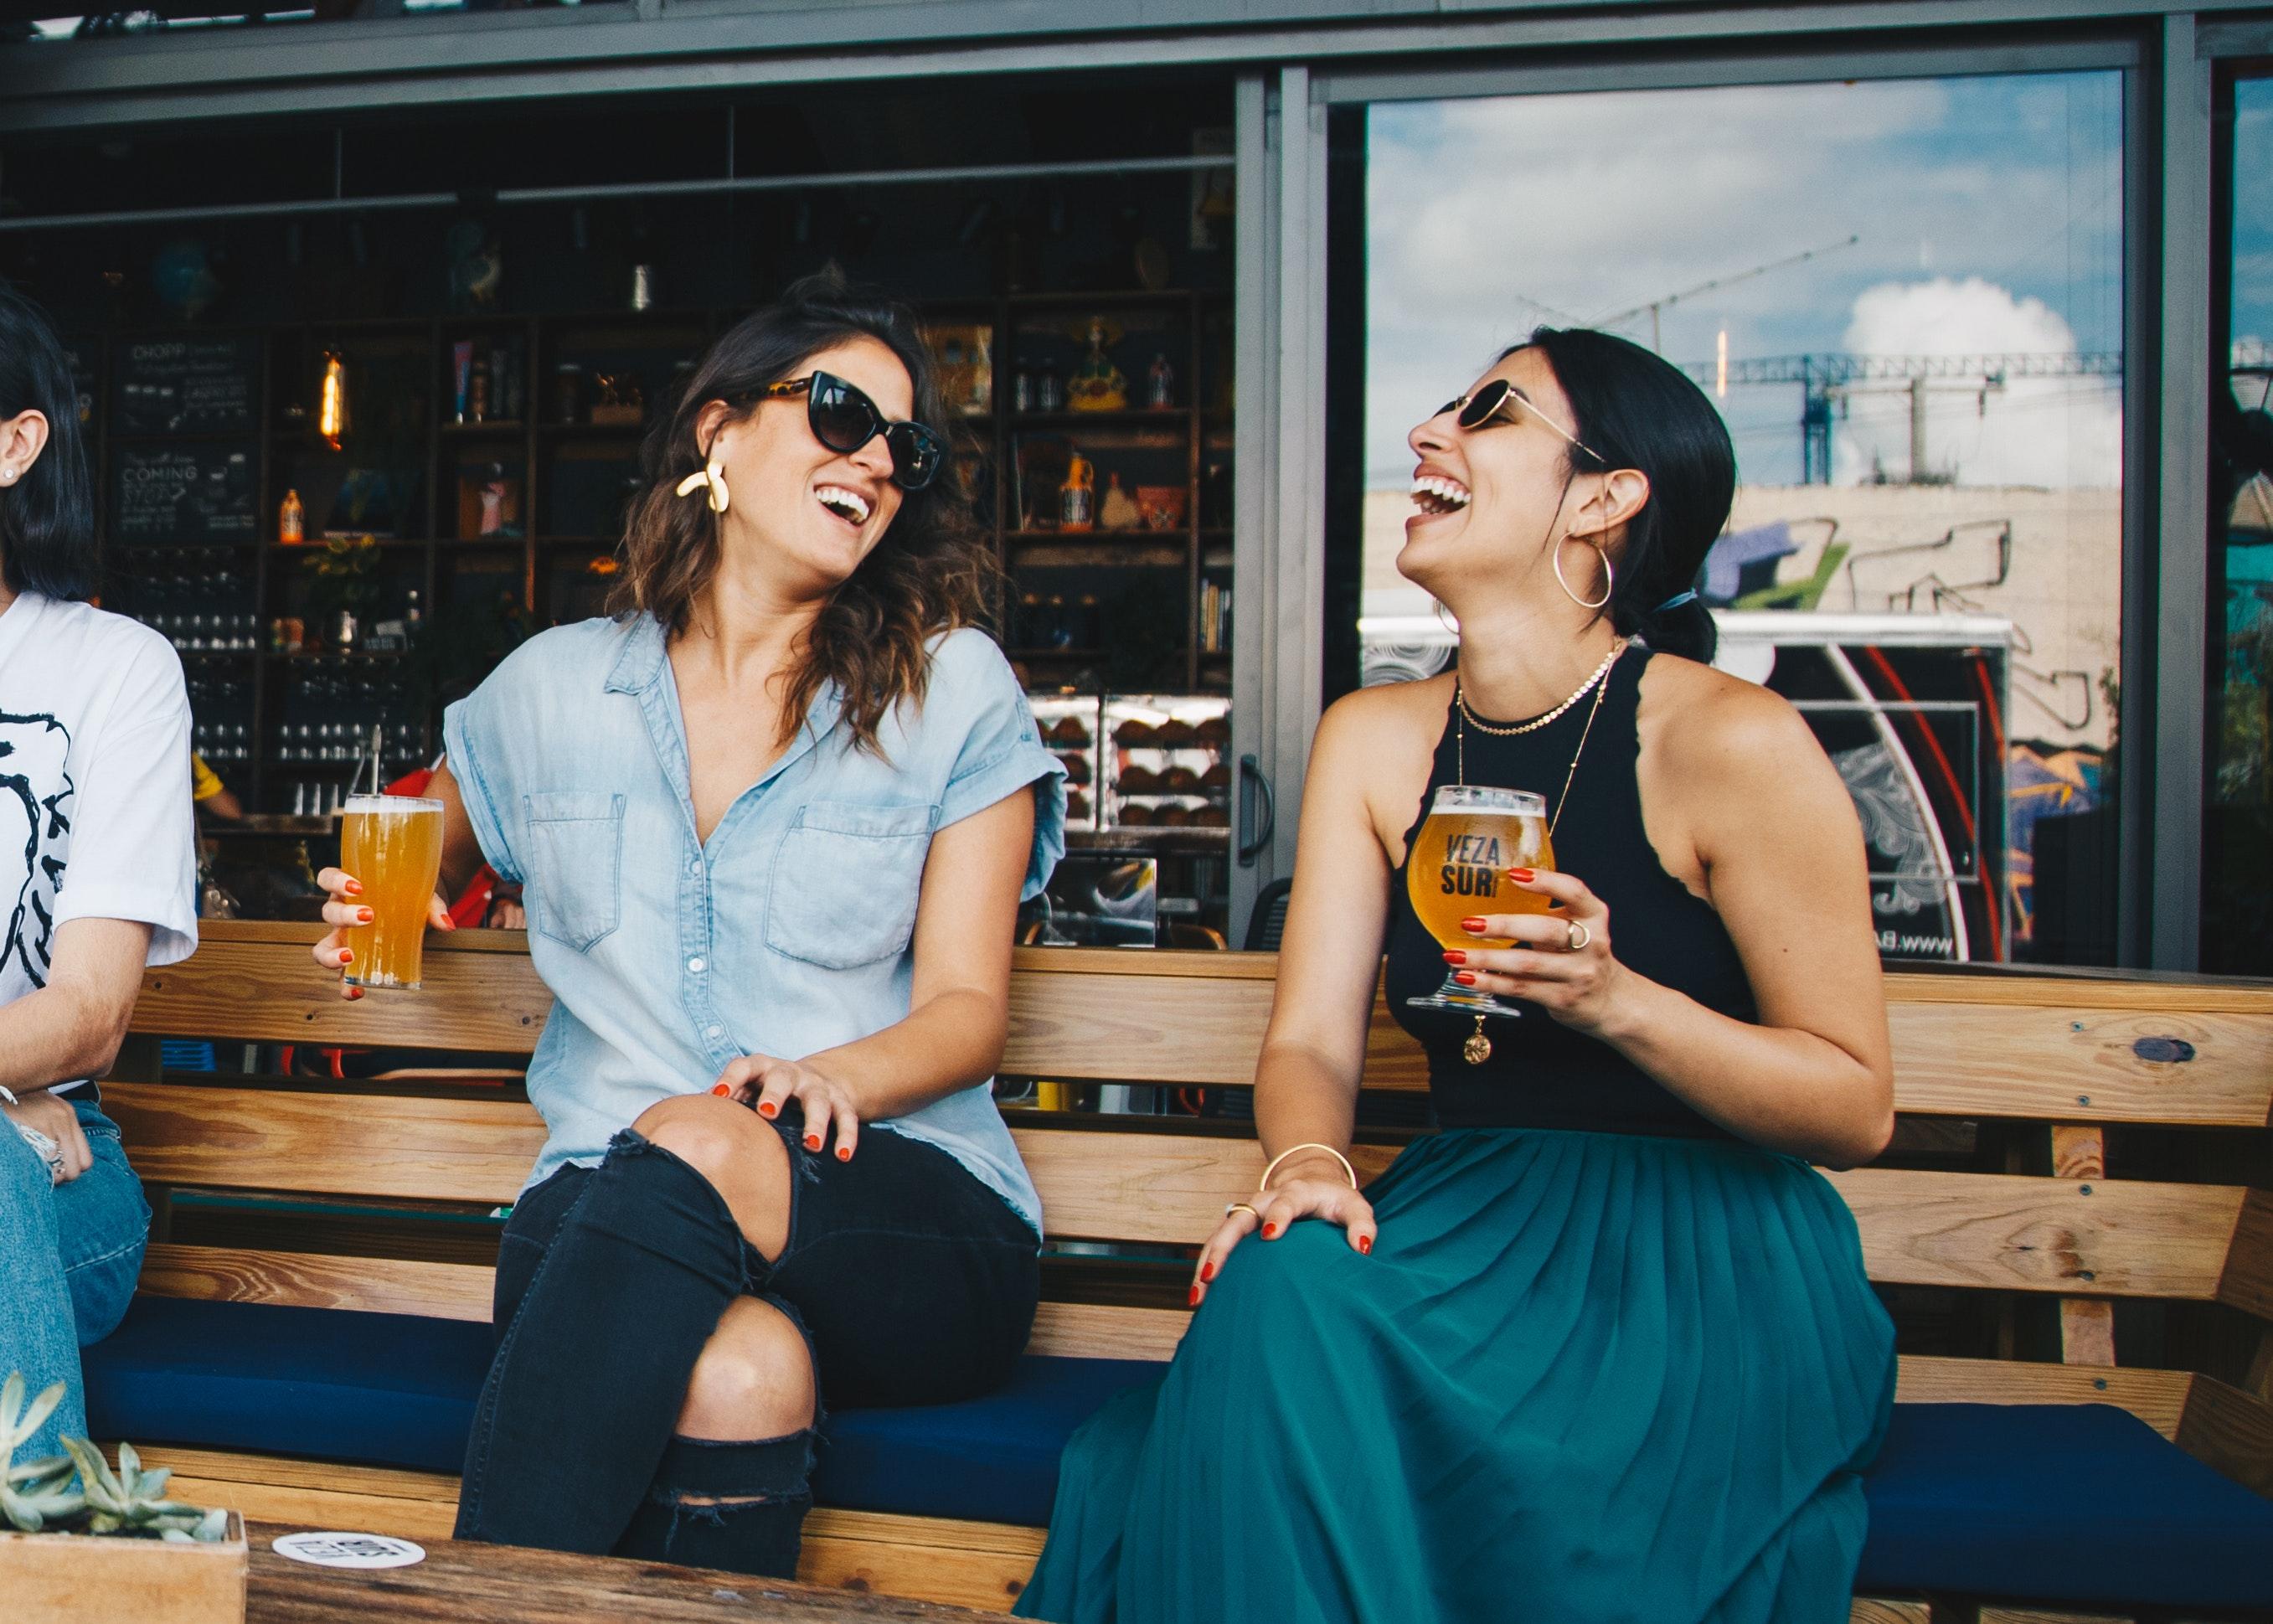 Two women having beers